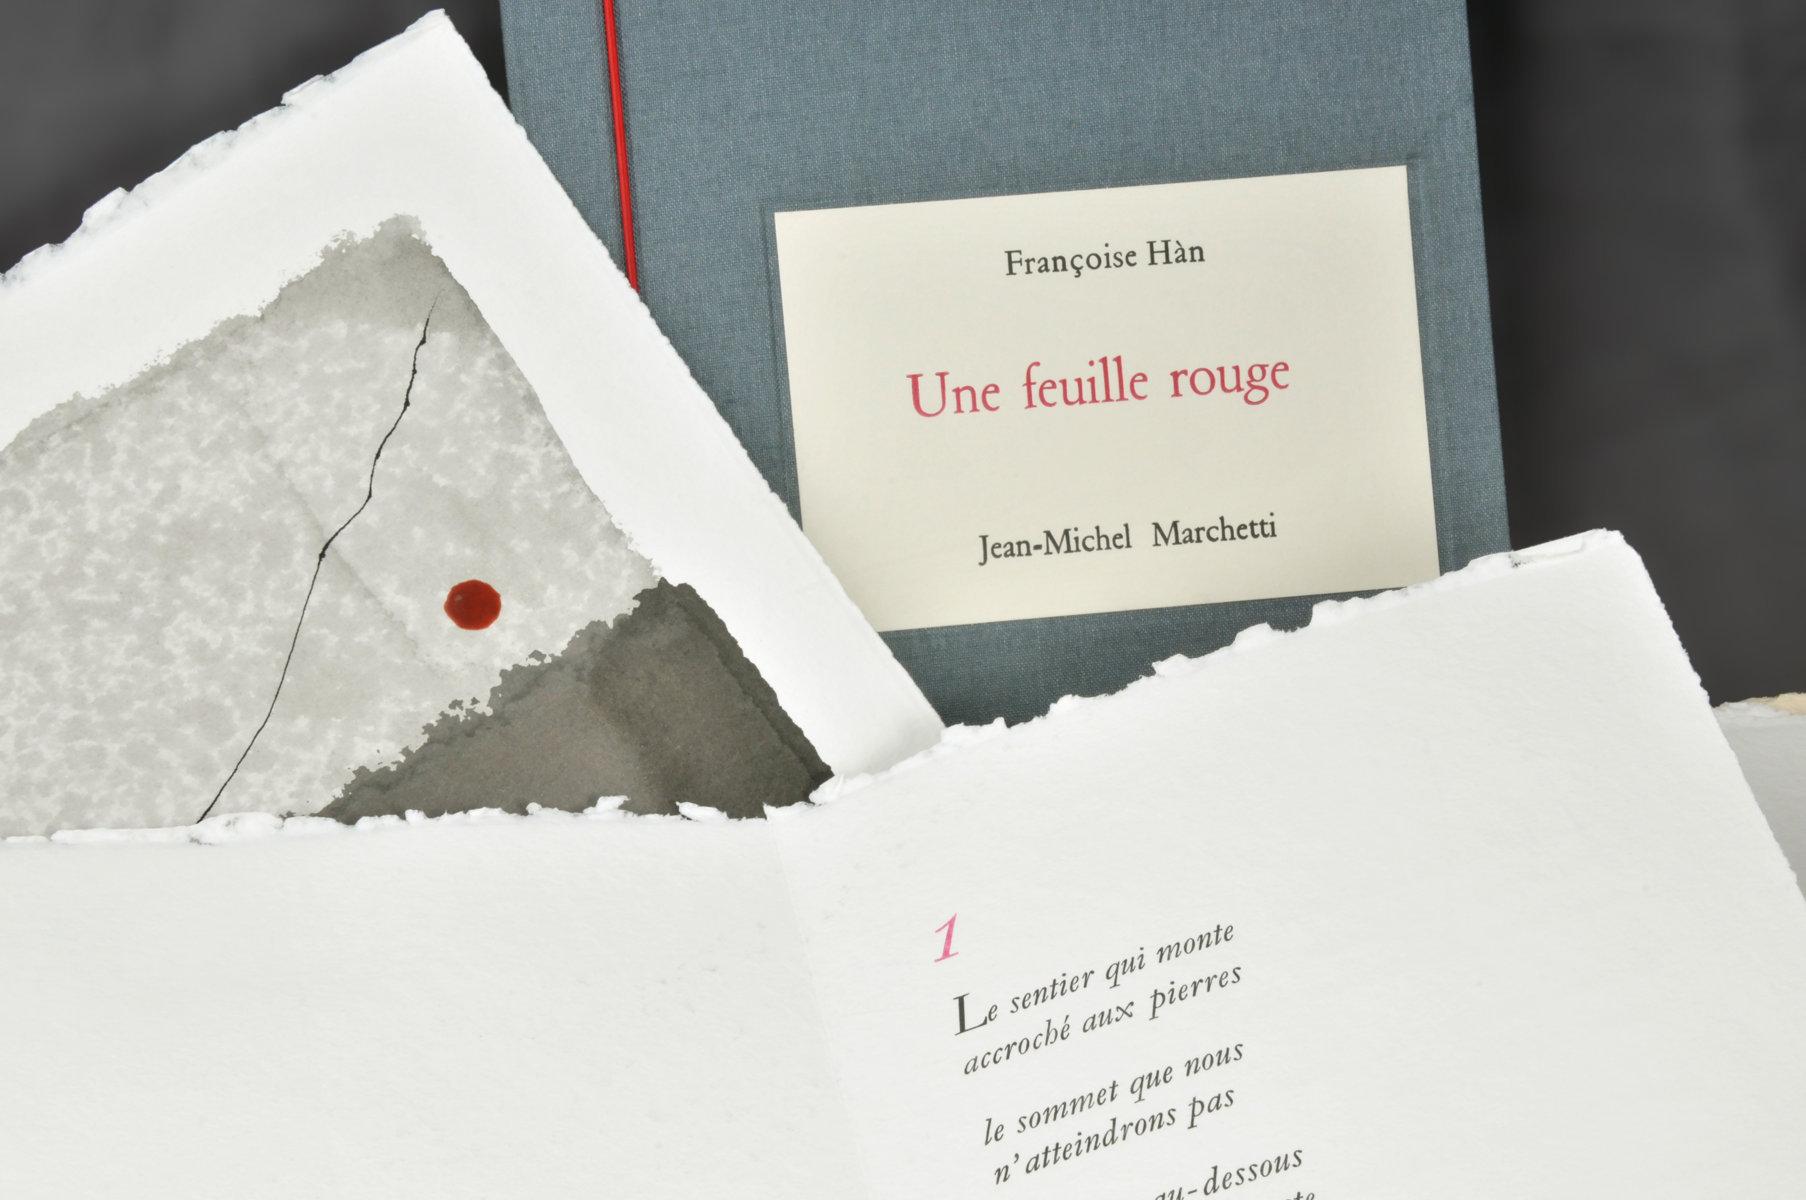 Une Feuille rouge | Hàn, Françoise (1928-....). Auteur